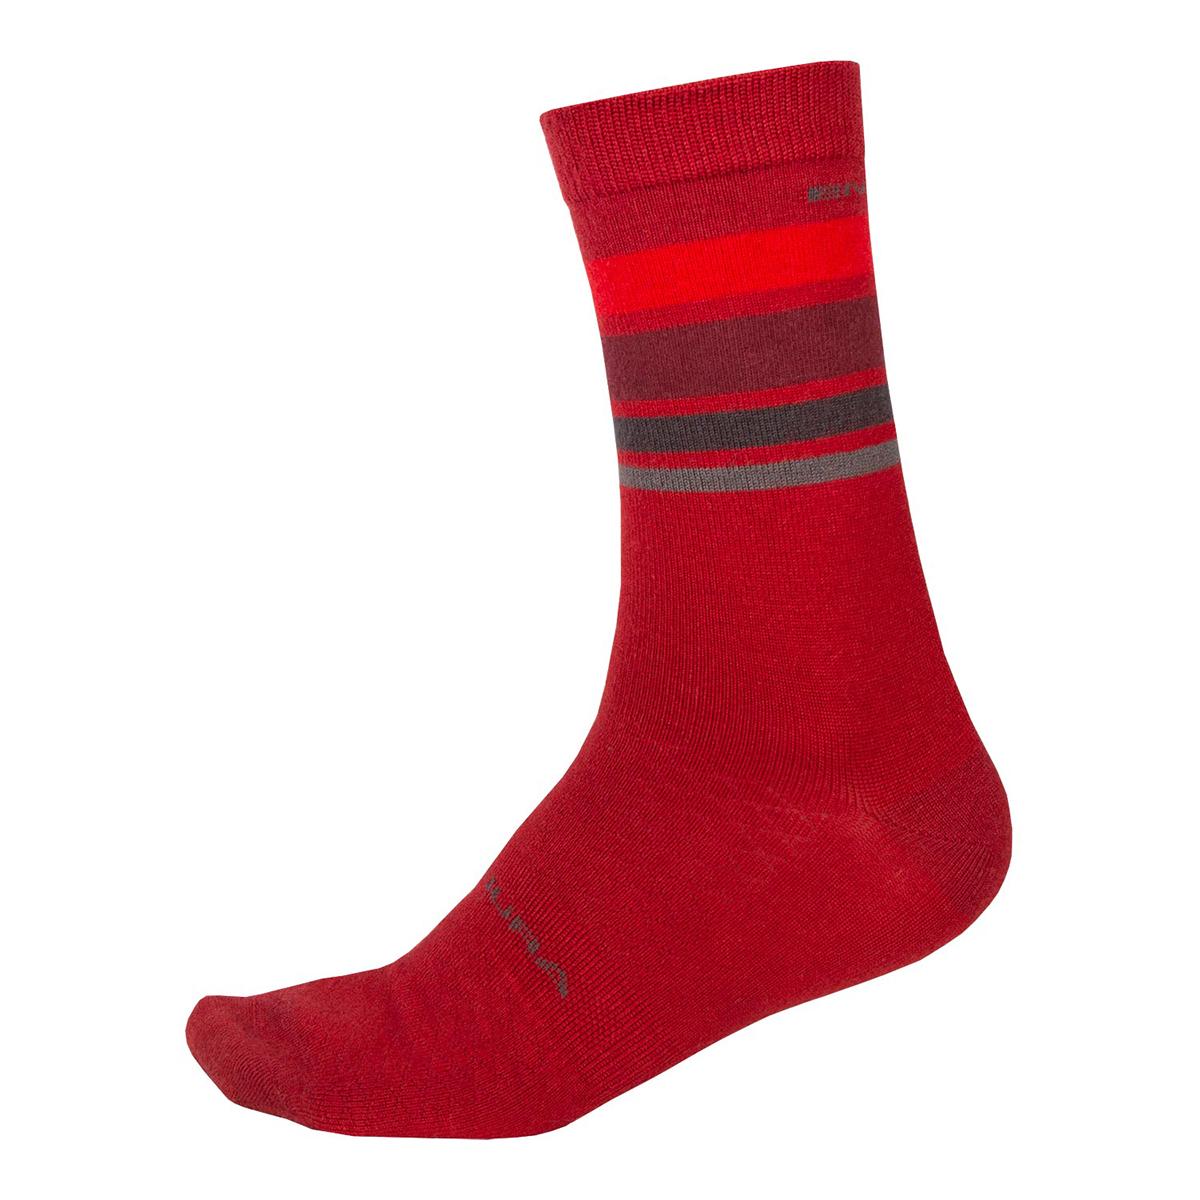 Endura BaaBaa Merino Sock